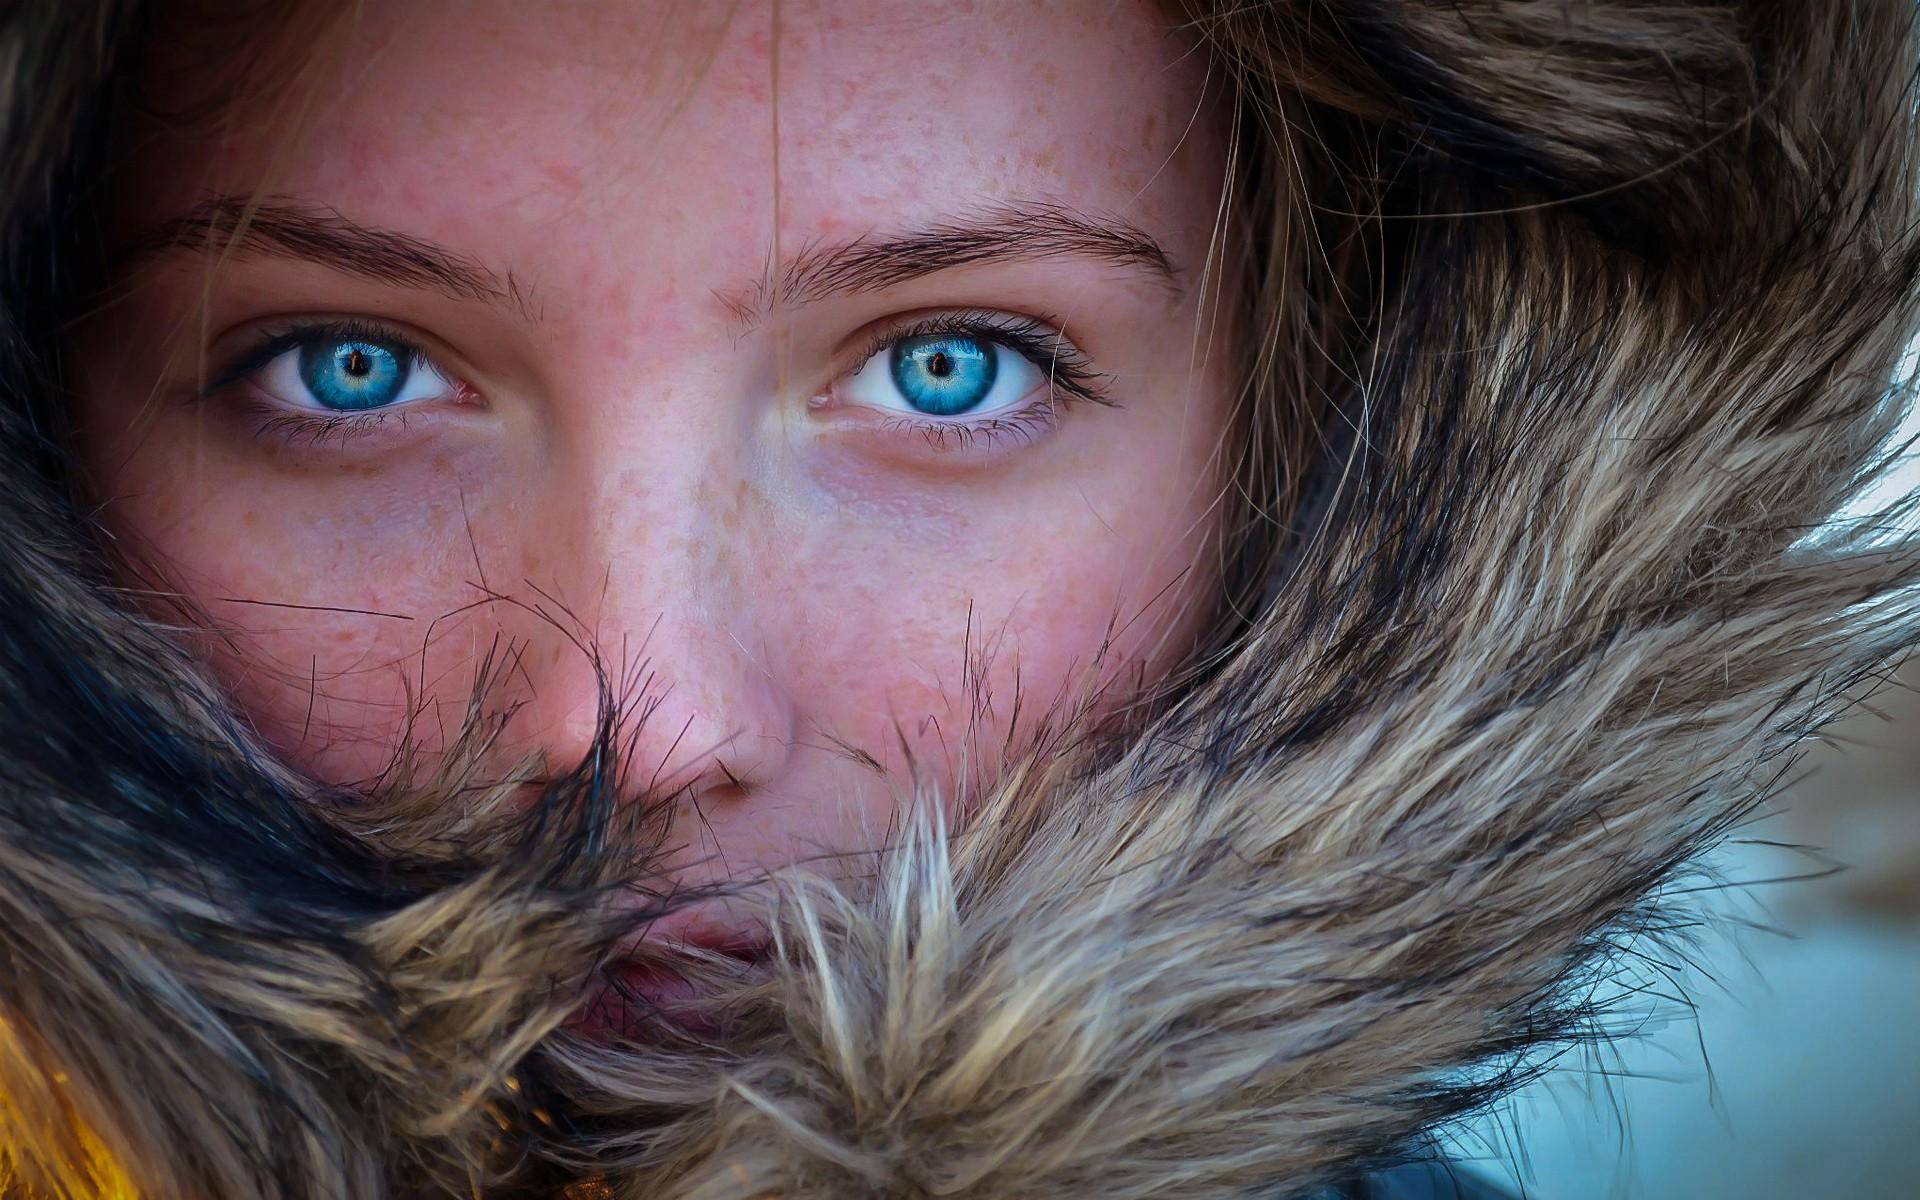 люди с синими глазами фото легкие